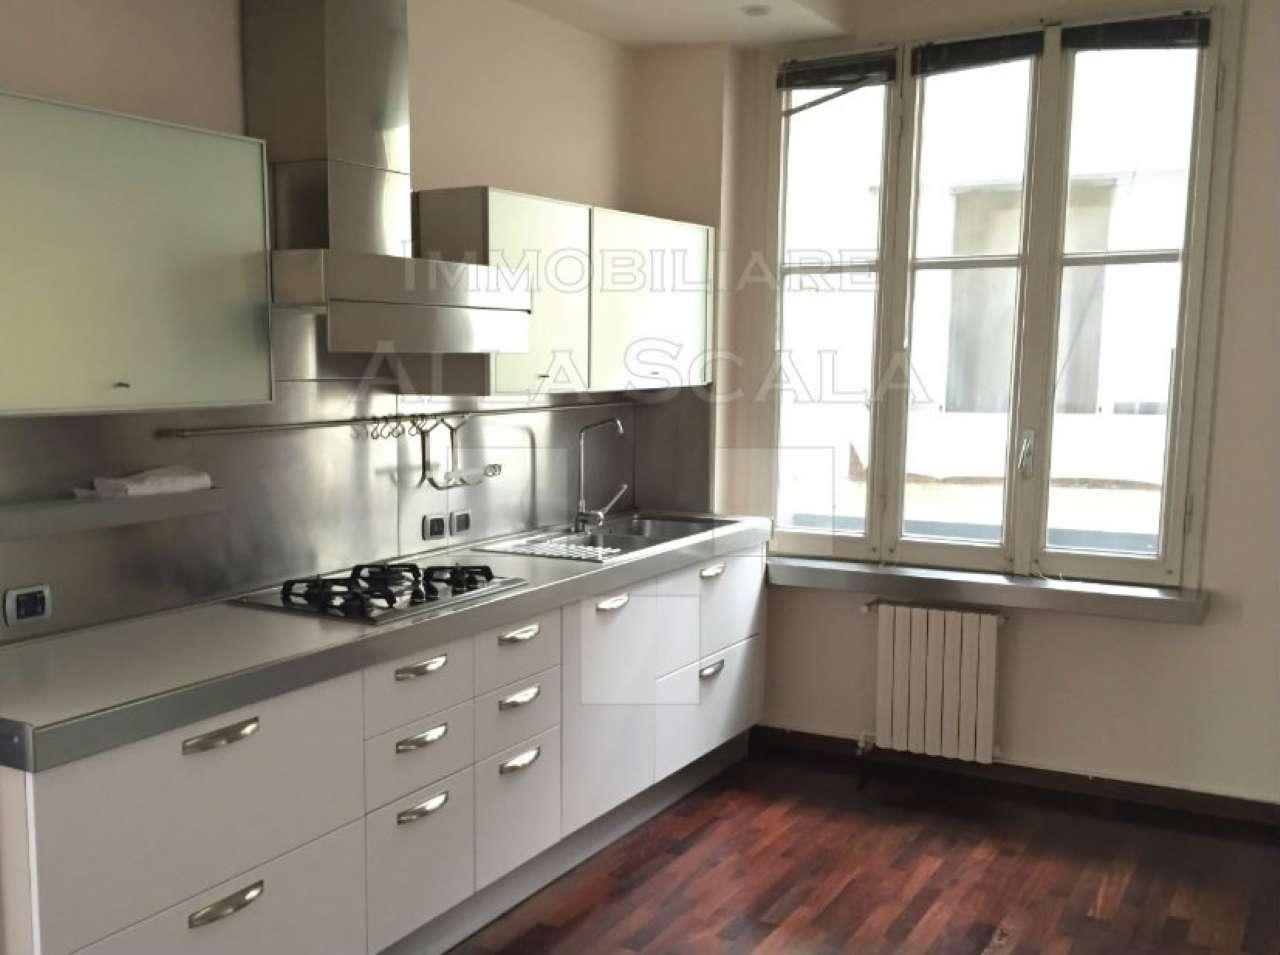 Appartamento in affitto a Milano, 3 locali, zona Zona: 1 . Centro Storico, Duomo, Brera, Cadorna, Cattolica, prezzo € 2.165 | Cambio Casa.it